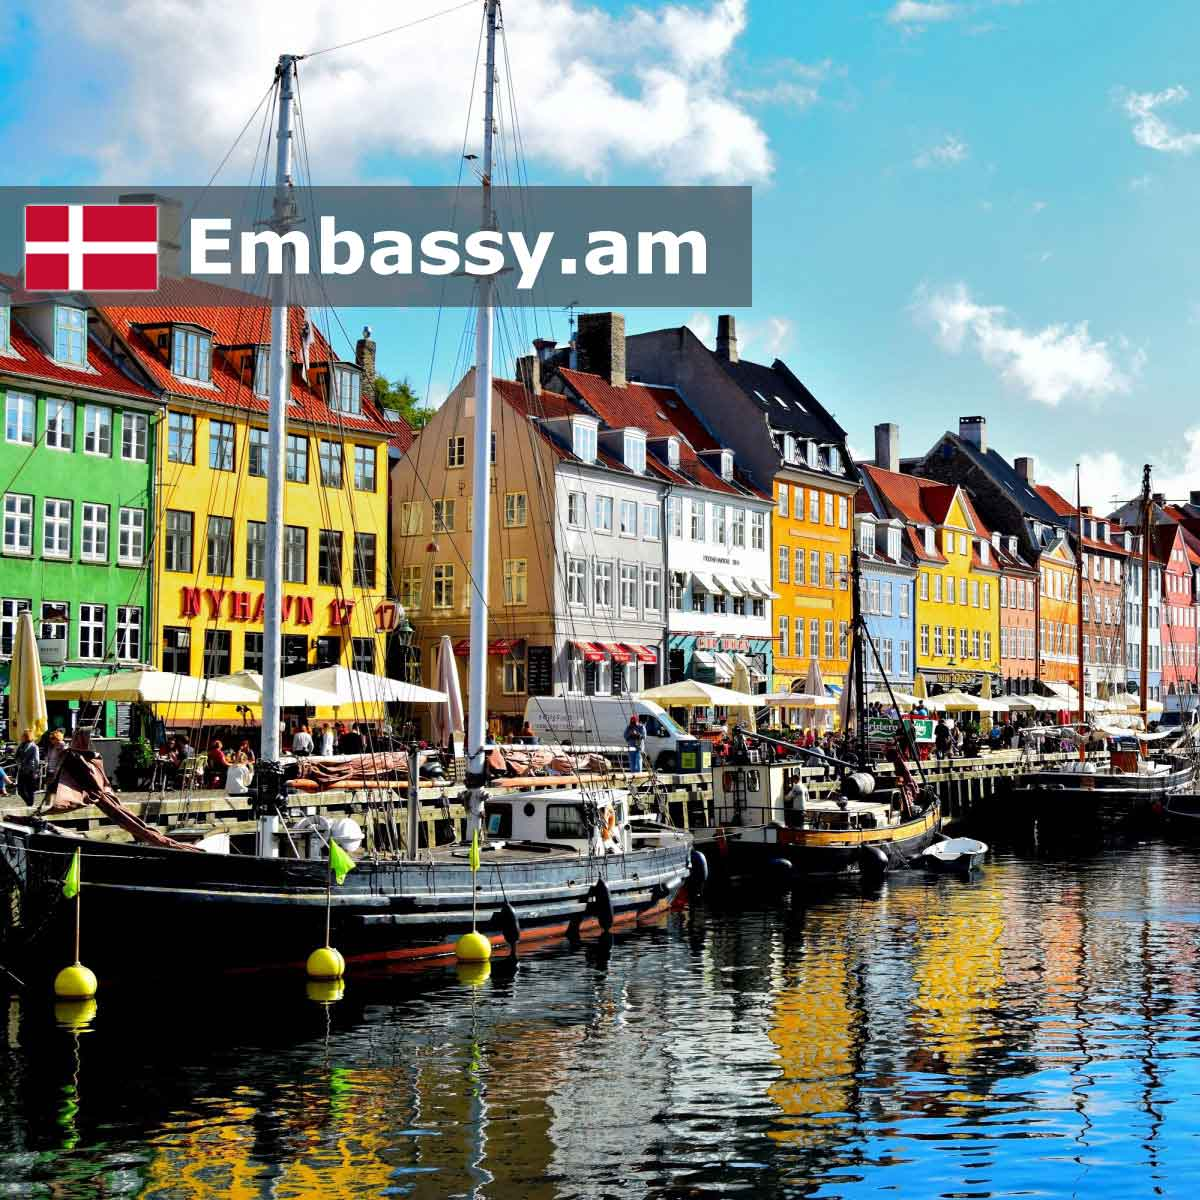 Отели в Дании - Embassy.am